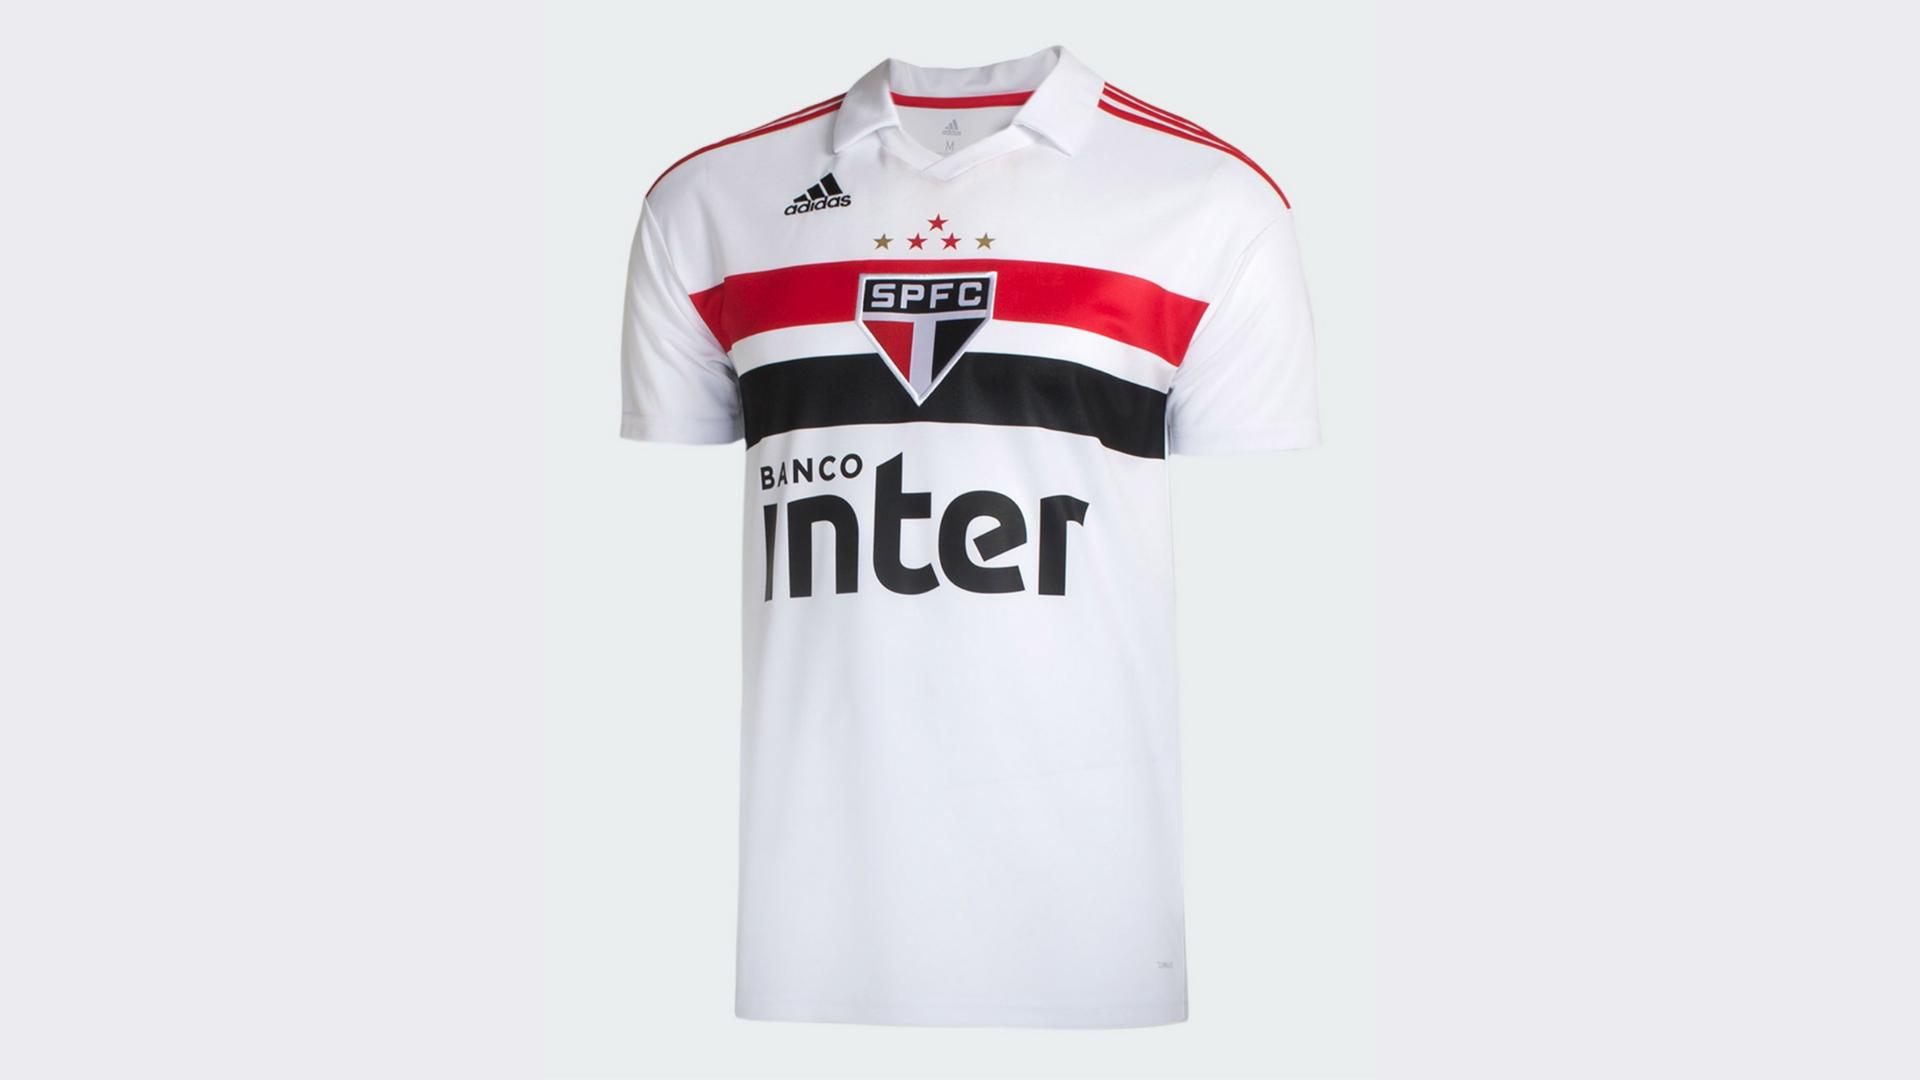 Camisa do São Paulo 2019 Adidas Jogo 1 (Imagem: Divulgação/Adidas)